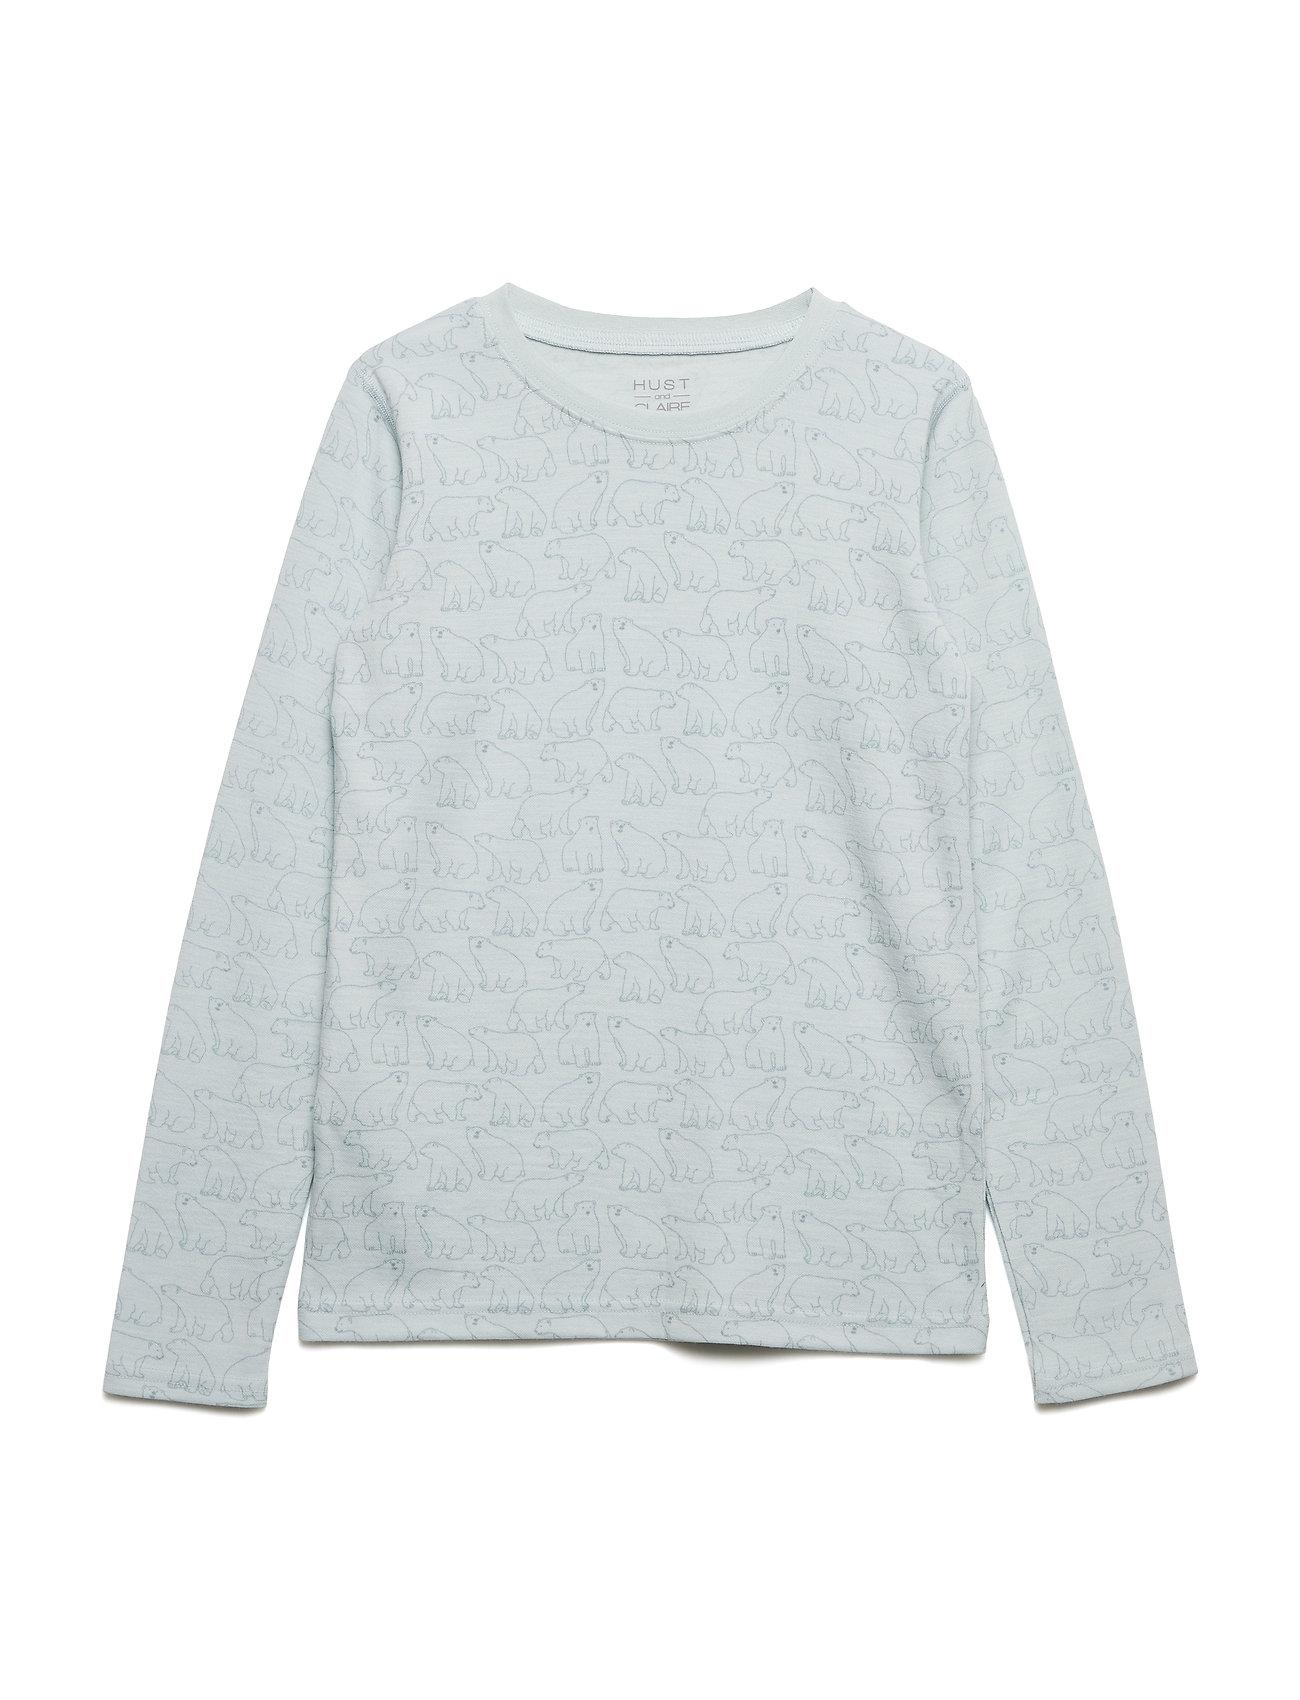 Hust & Claire Awo - Nightwear - MILKY MINT